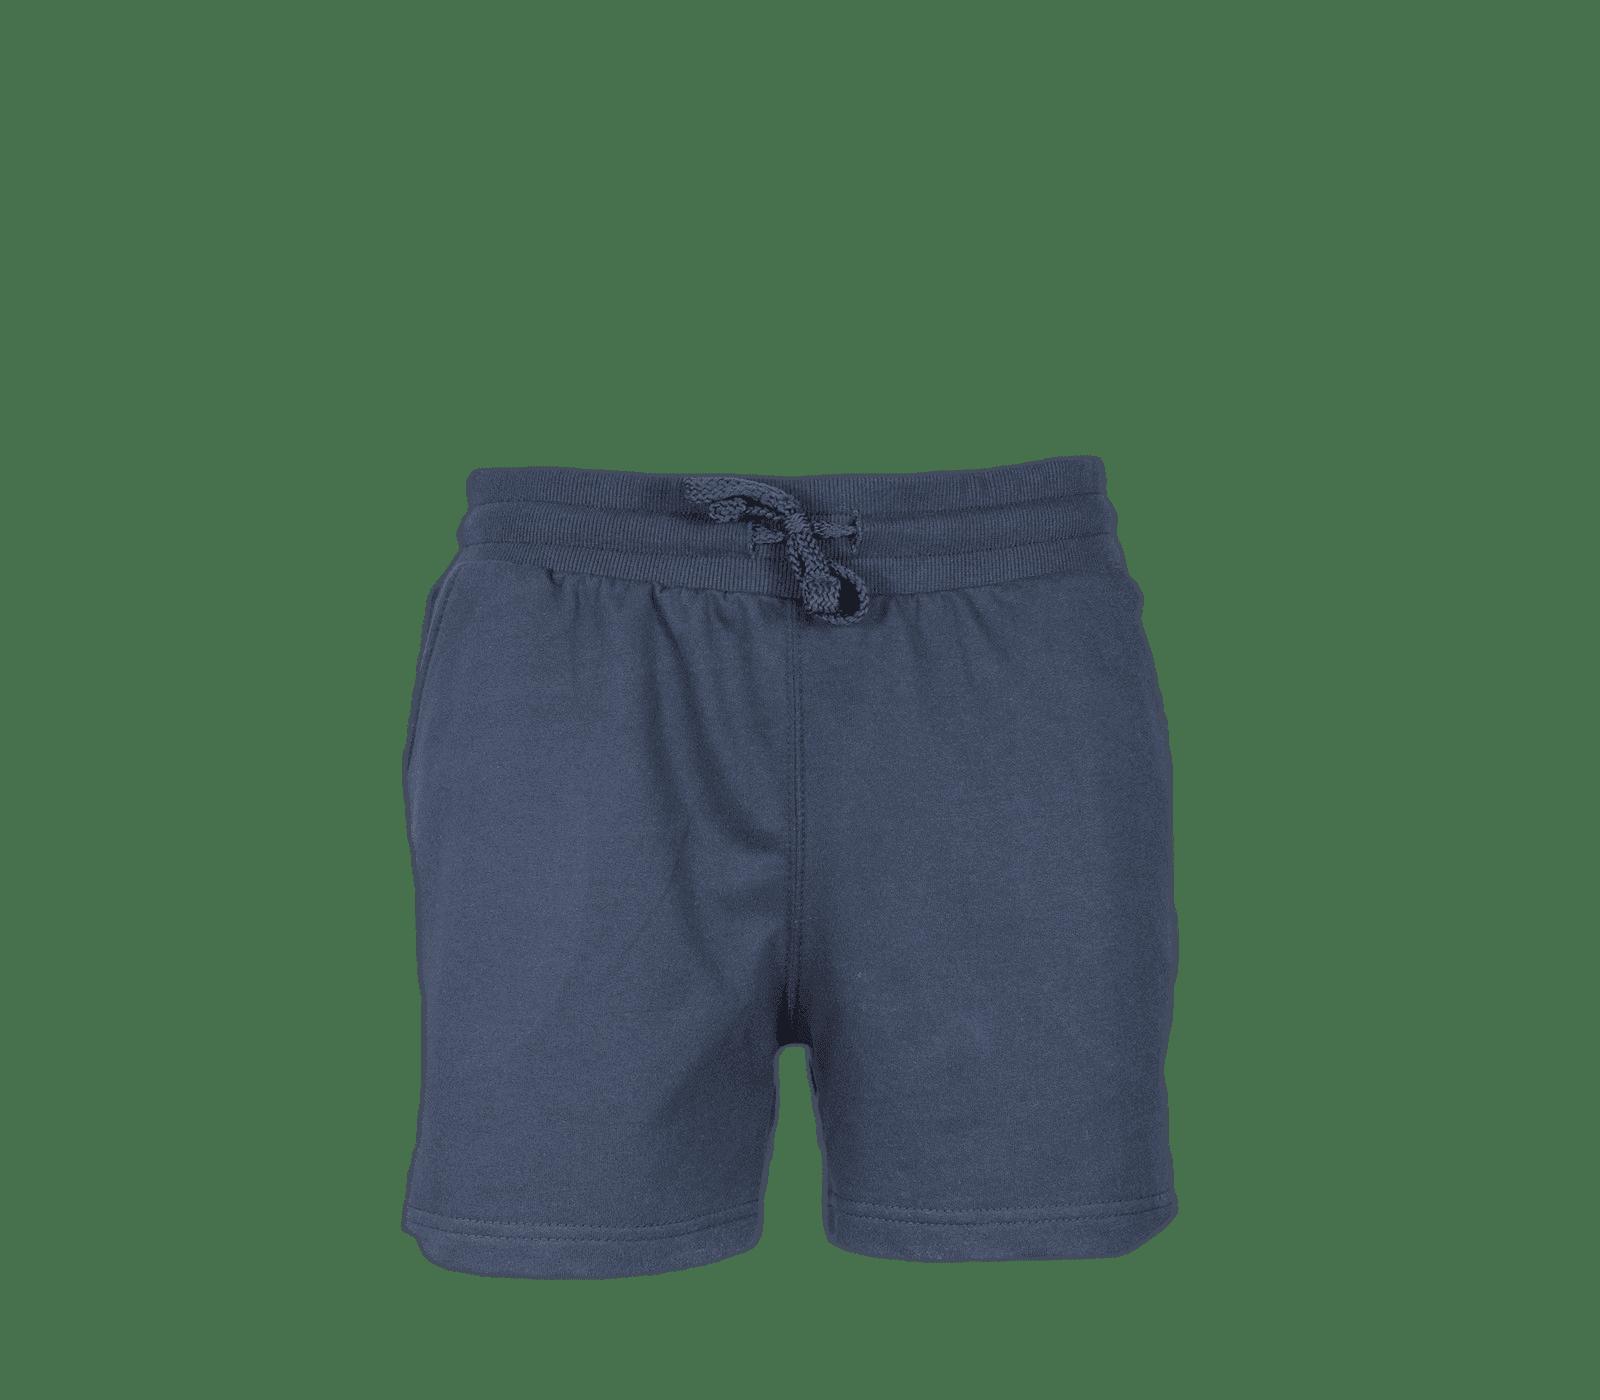 Basic short lds